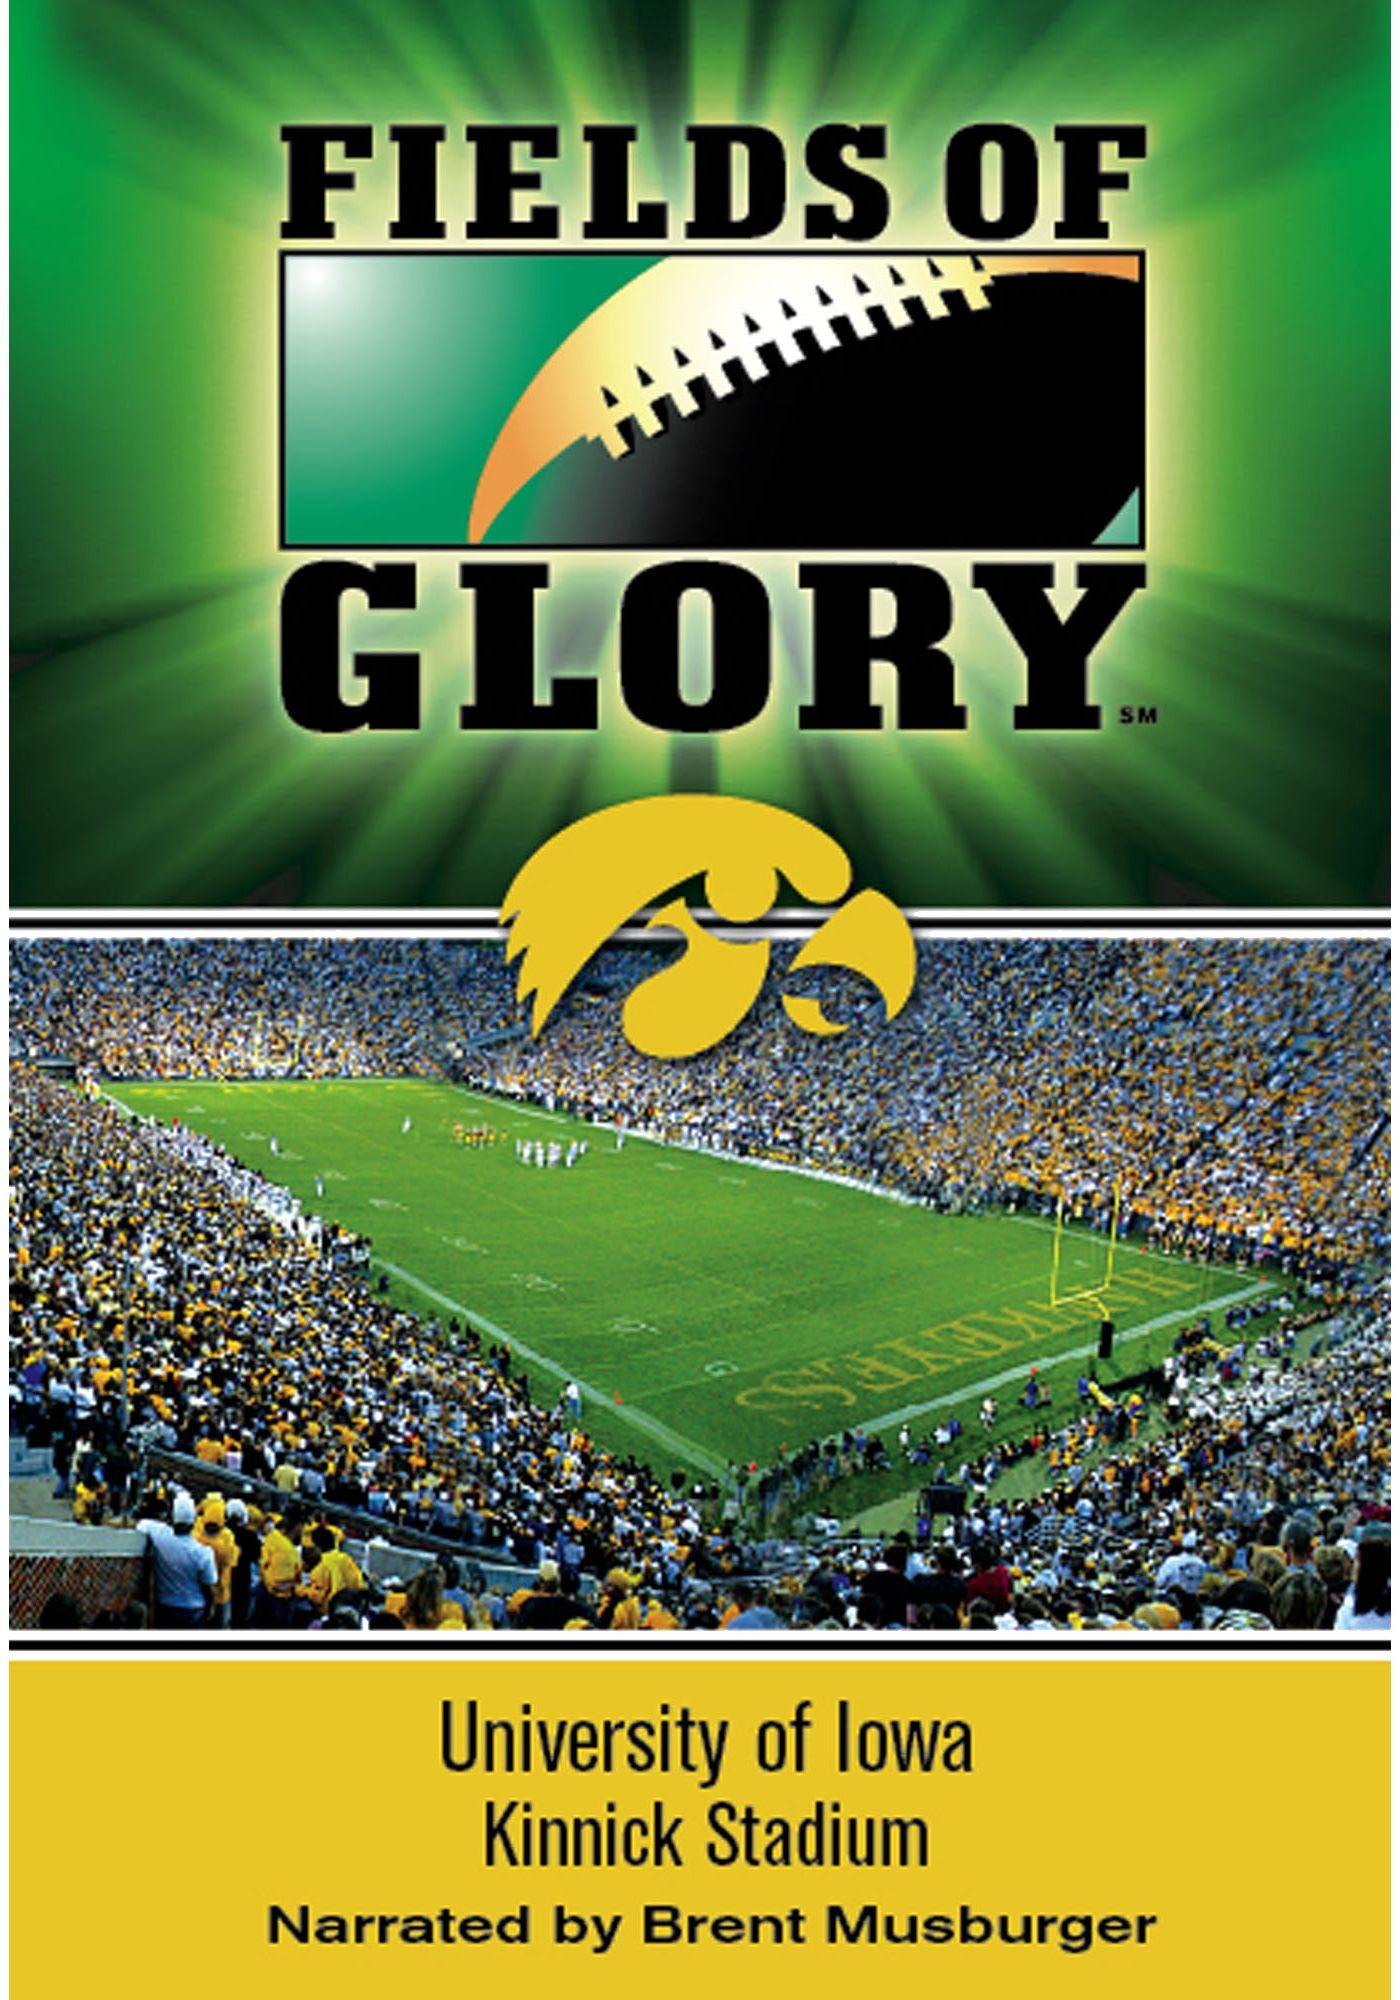 Fields of Glory - Iowa DVD